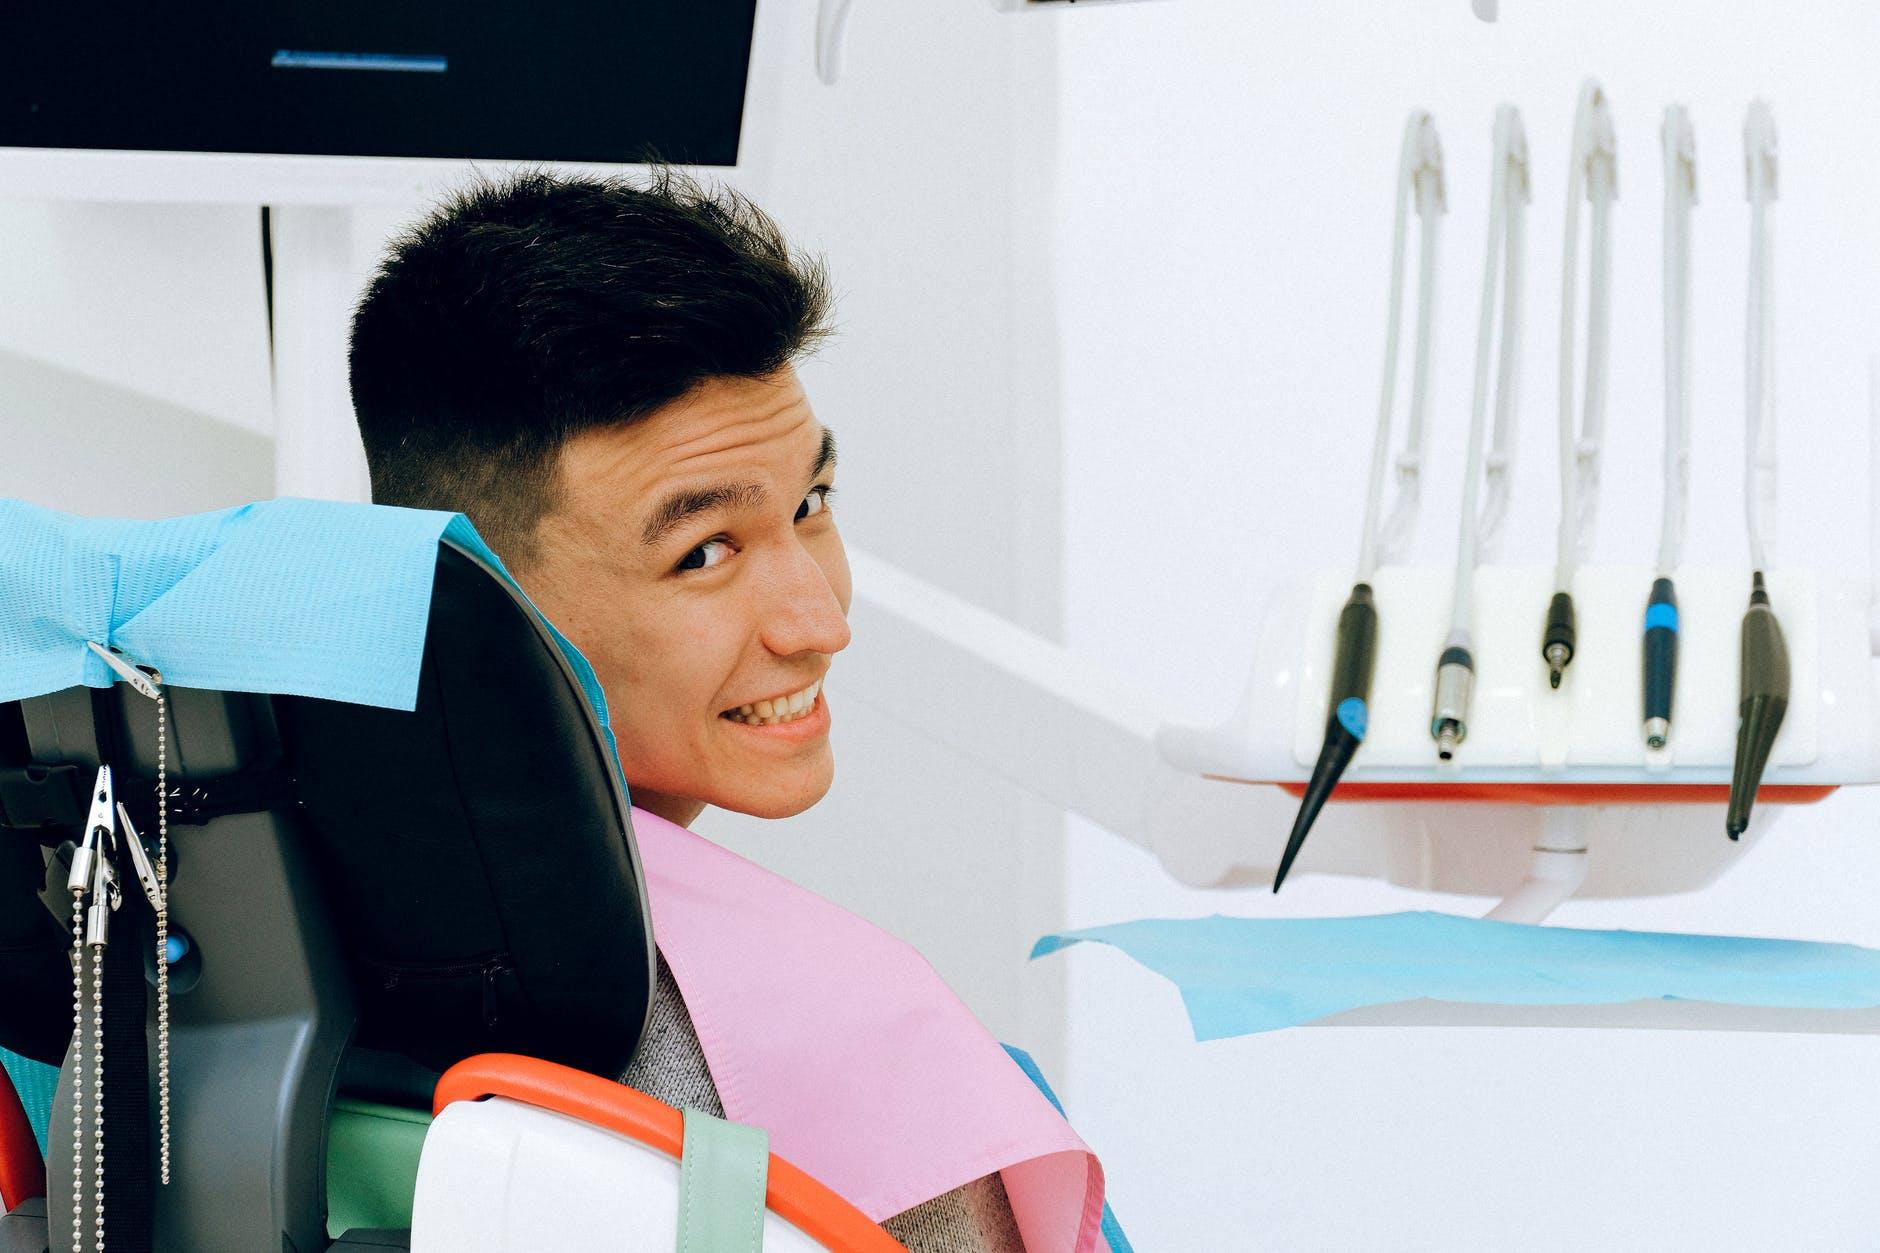 man in dentist chair